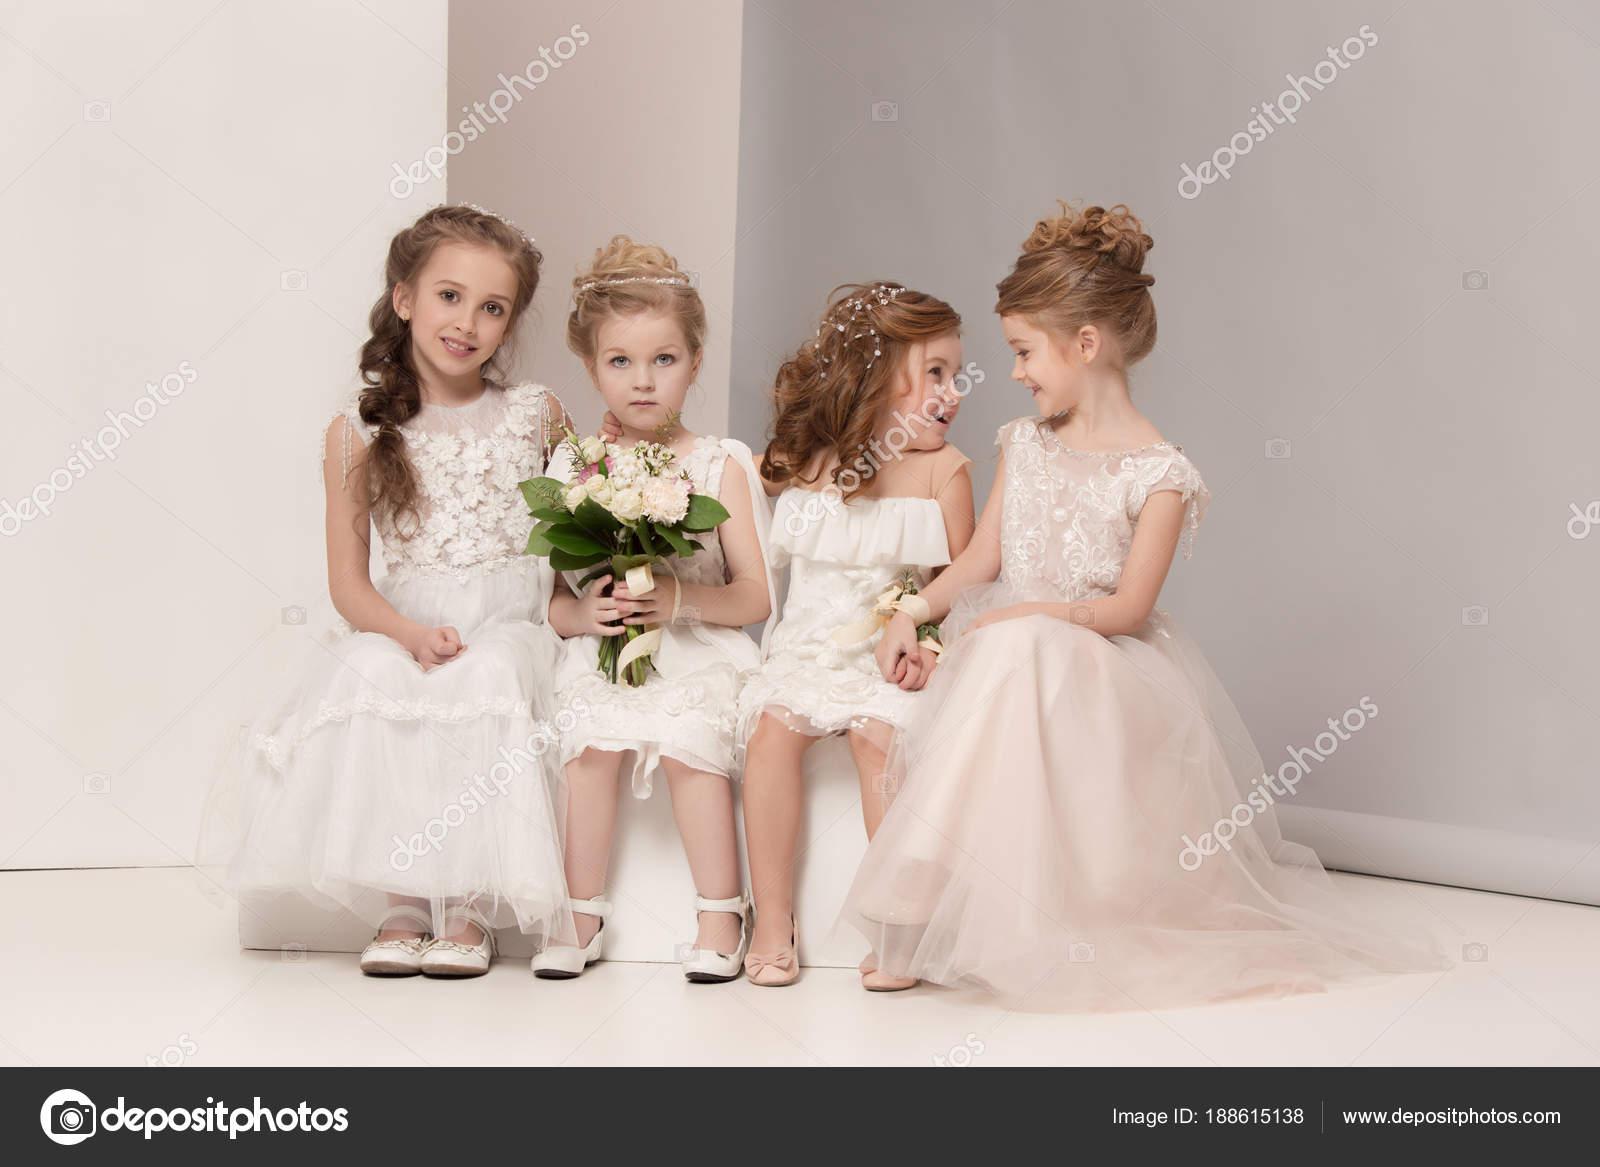 7835819ba8 Małe dziewczynki ładne kwiaty ubrane w suknie ślubne. Piękne dziewczyny  trochę. dziewczyn marzy o ślubie. Piękno